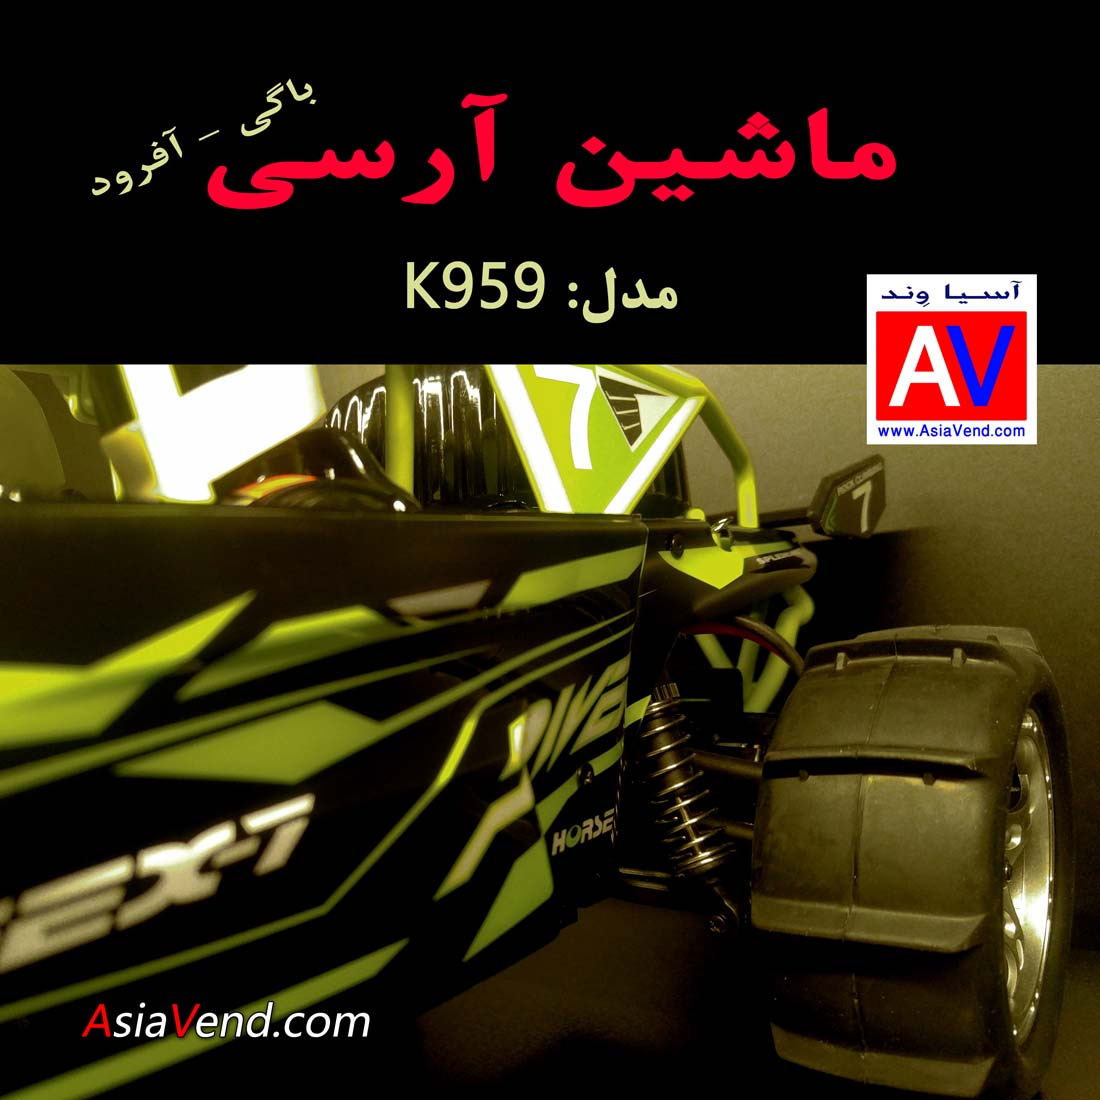 فروشگاه ماشین کنترلی حرفه ای شیراز ماشین رادیو کنترلی K959